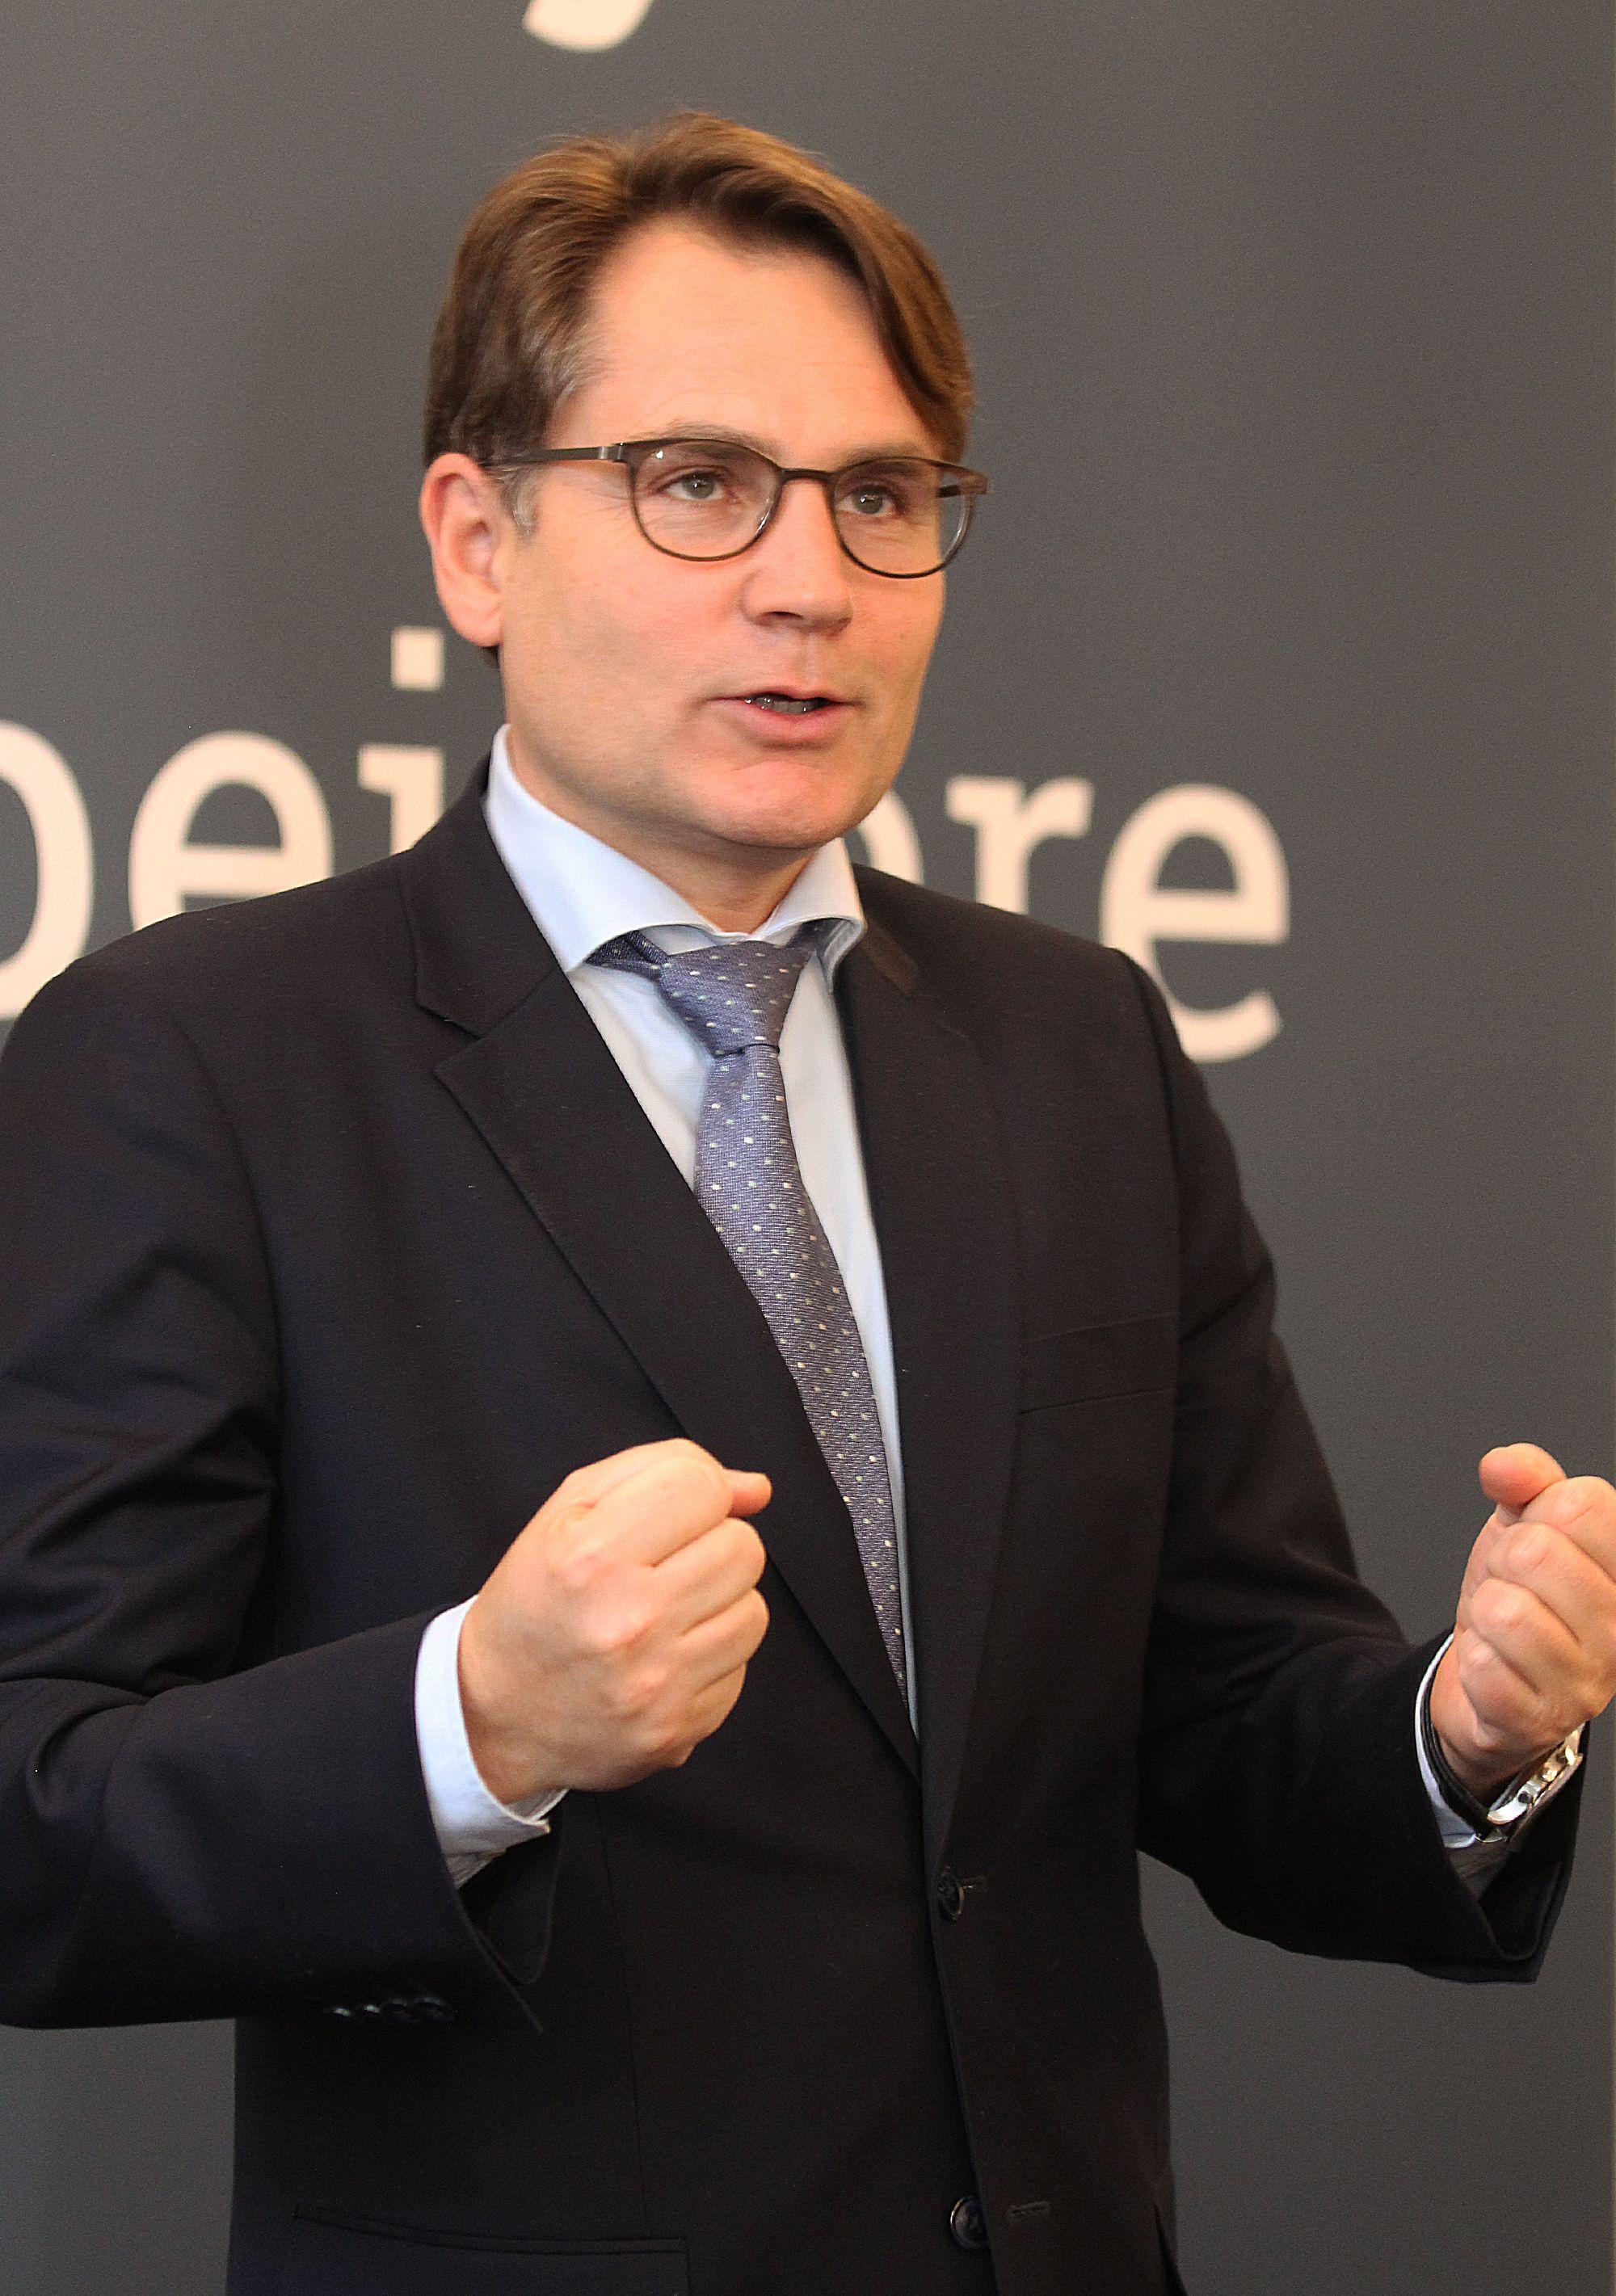 Erhvervsminister Brian Mikkelsen. Fotograferet 1. feb. 2017 ved Netcompany's fejring af medarbejder nr. 1000.